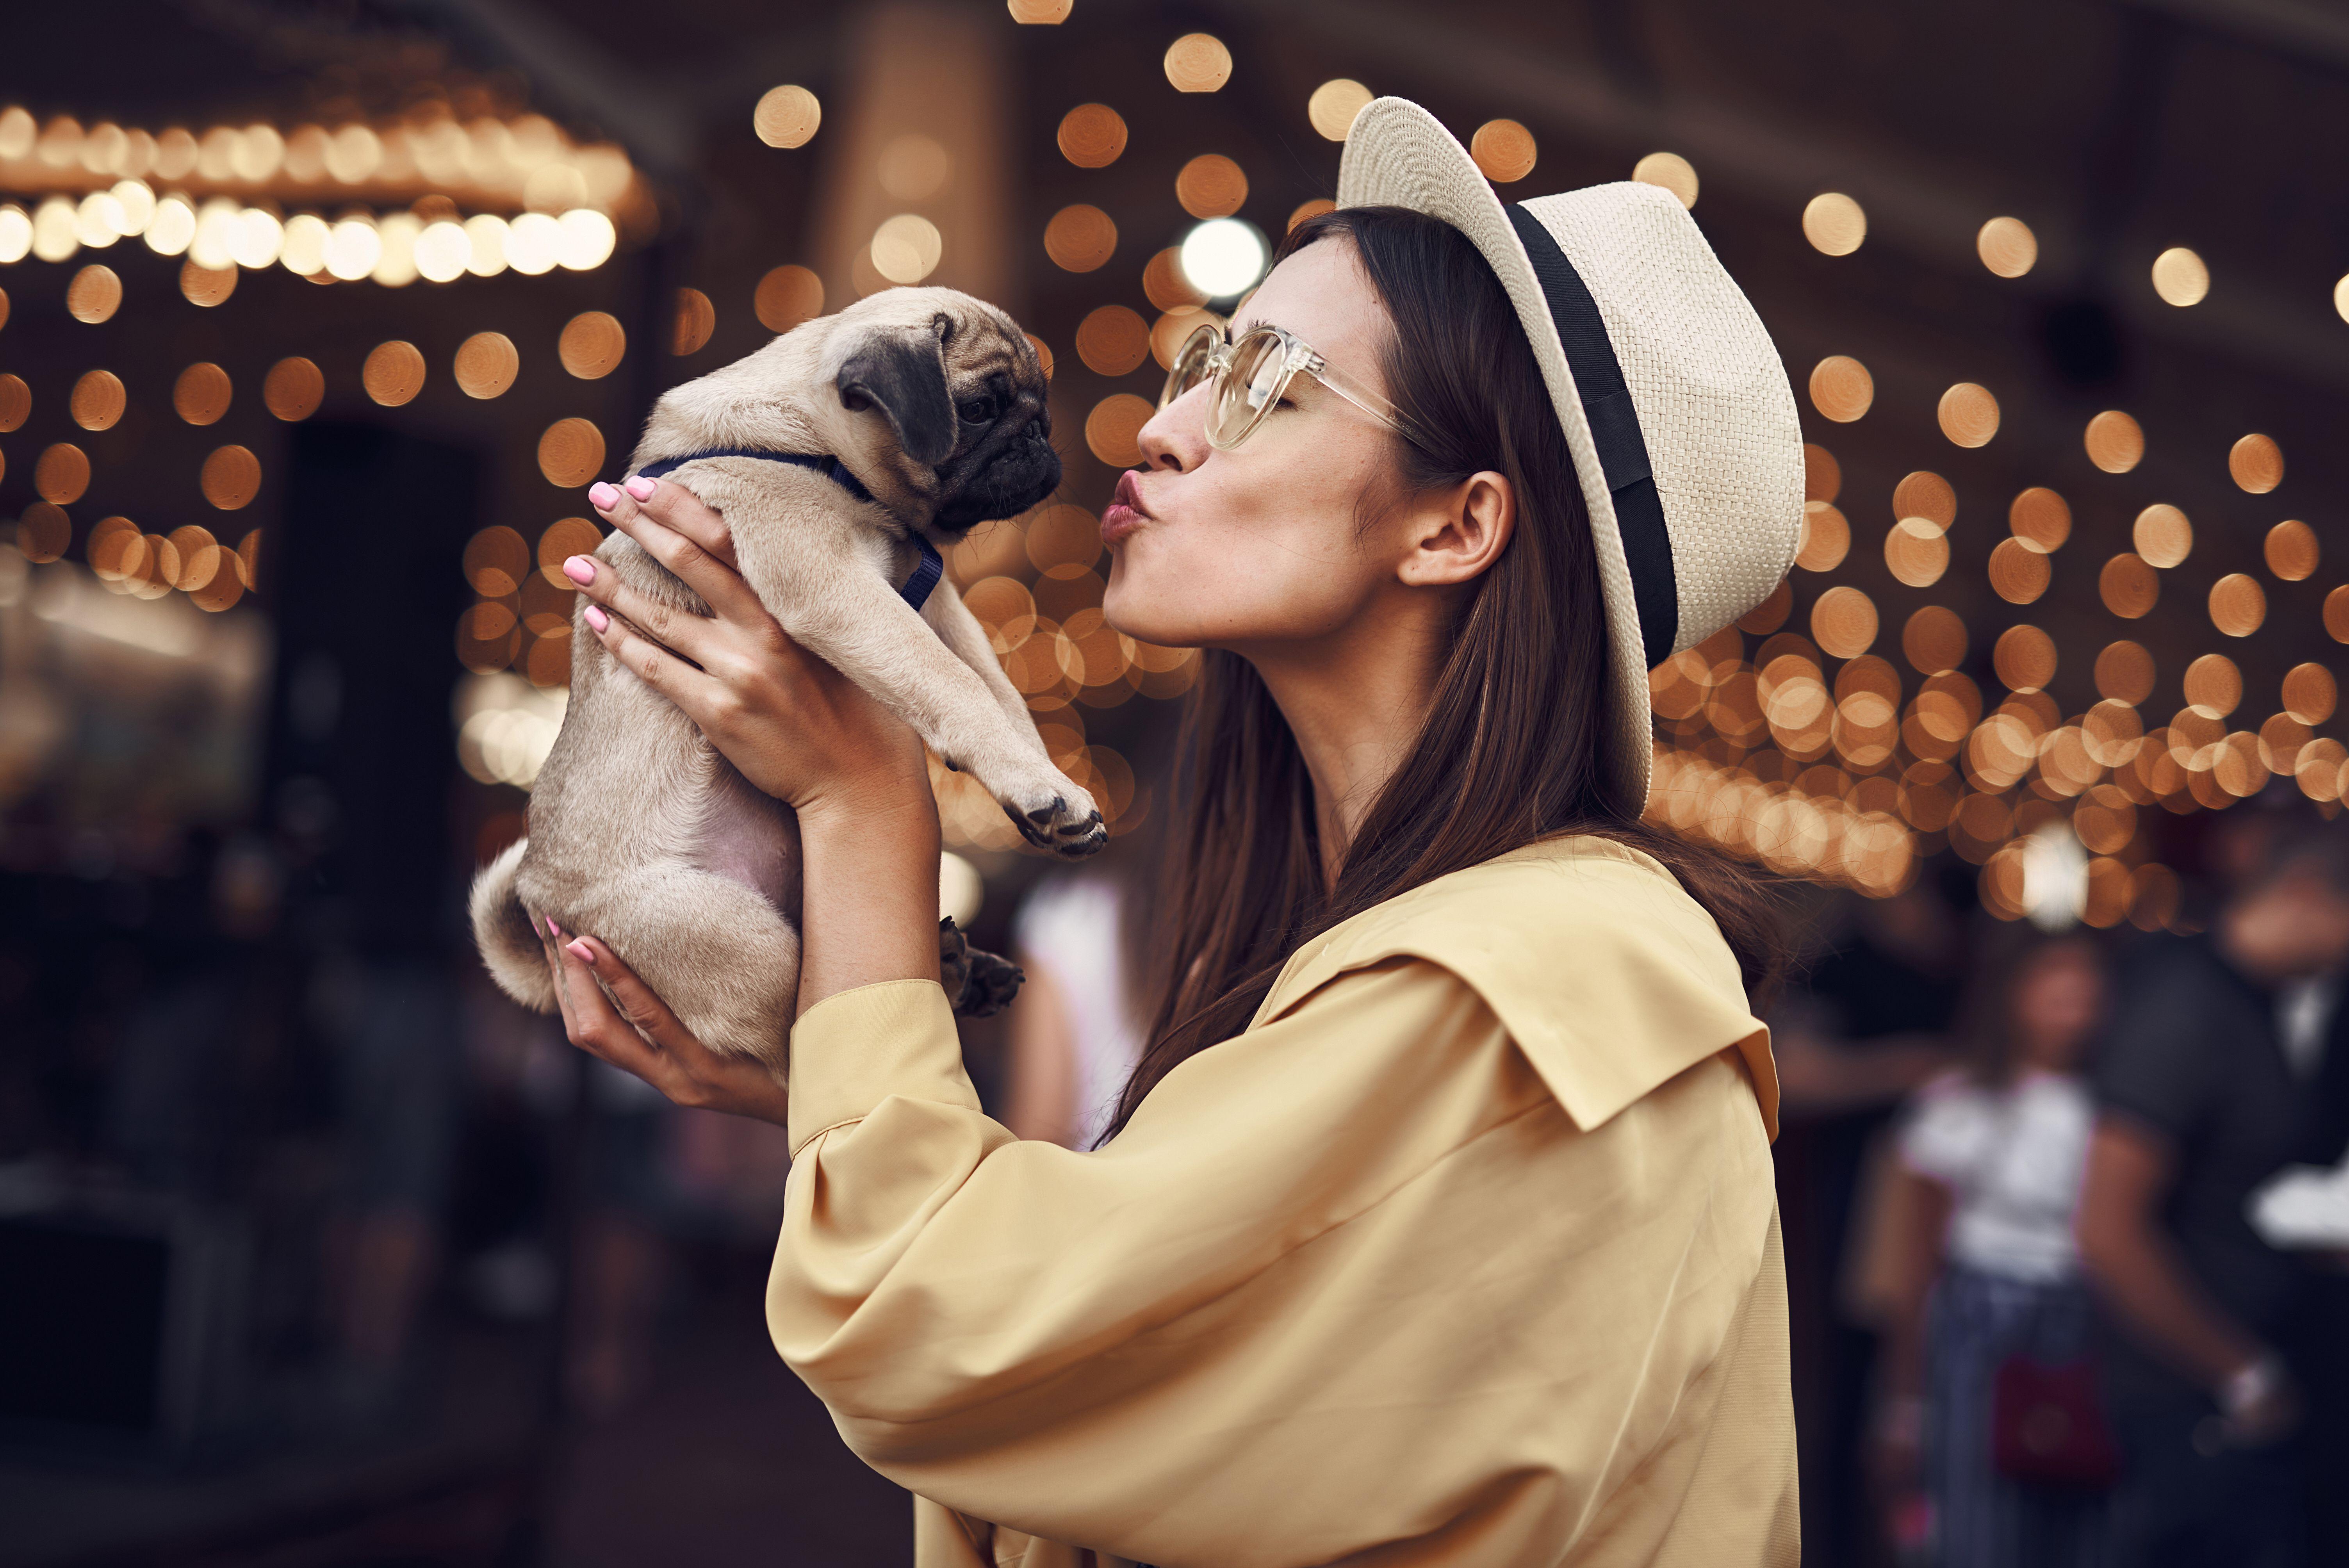 young woman kissing bulldog puppy